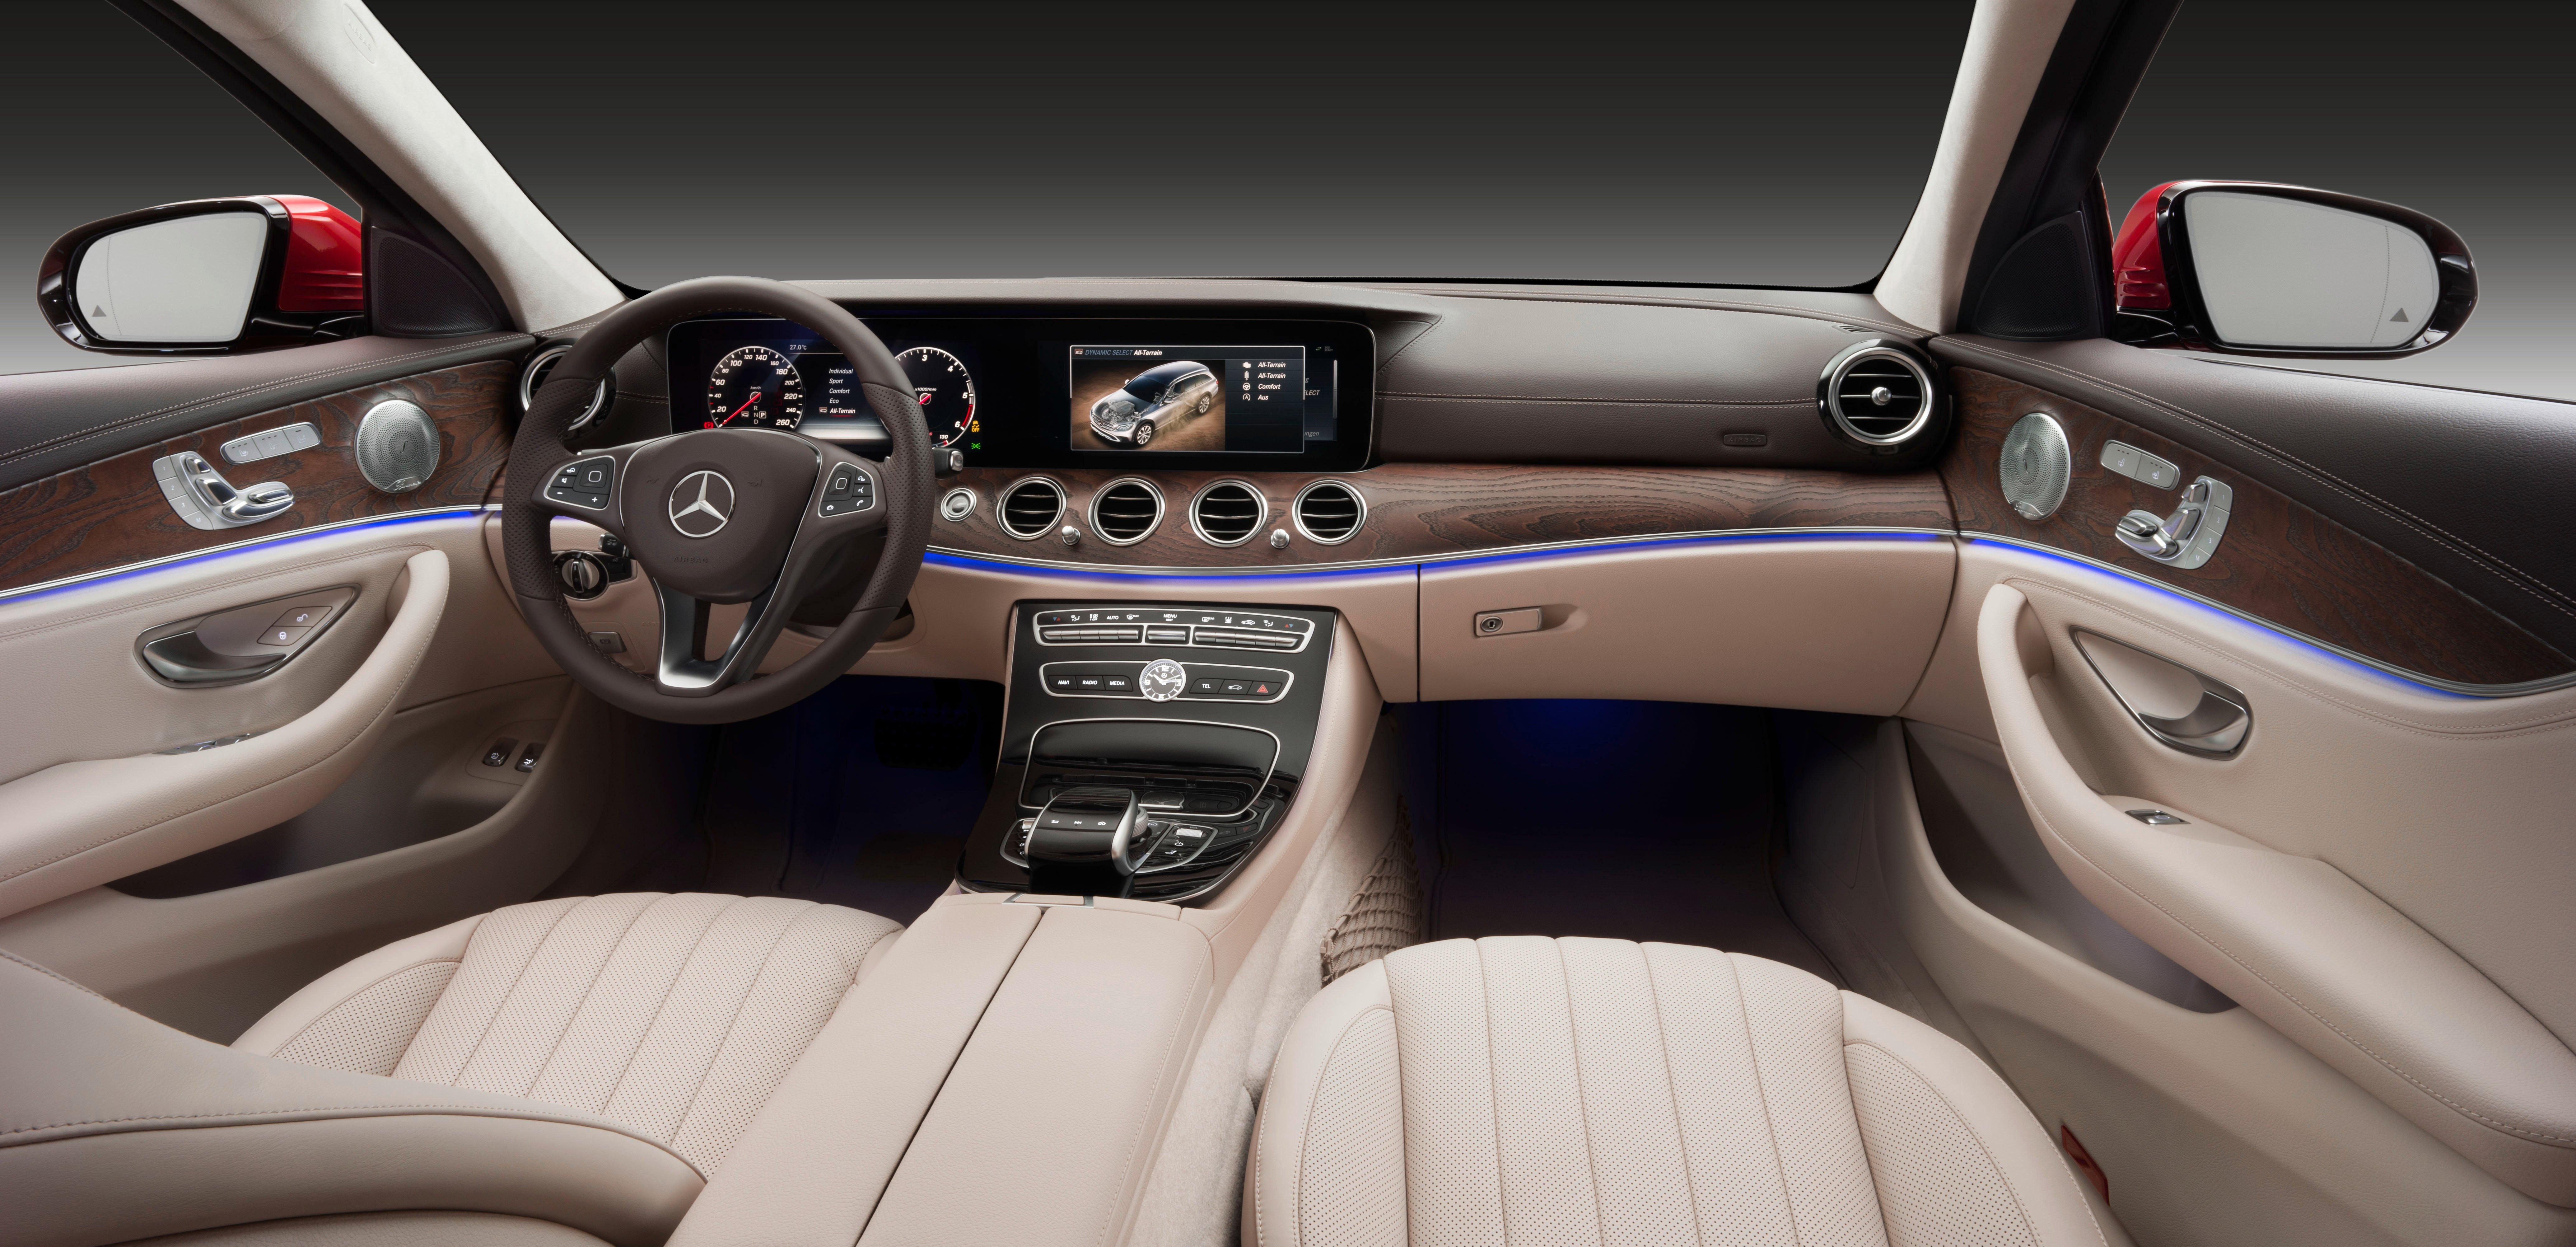 X213 Mercedes Benz E Class All Terrain Arrives Set To